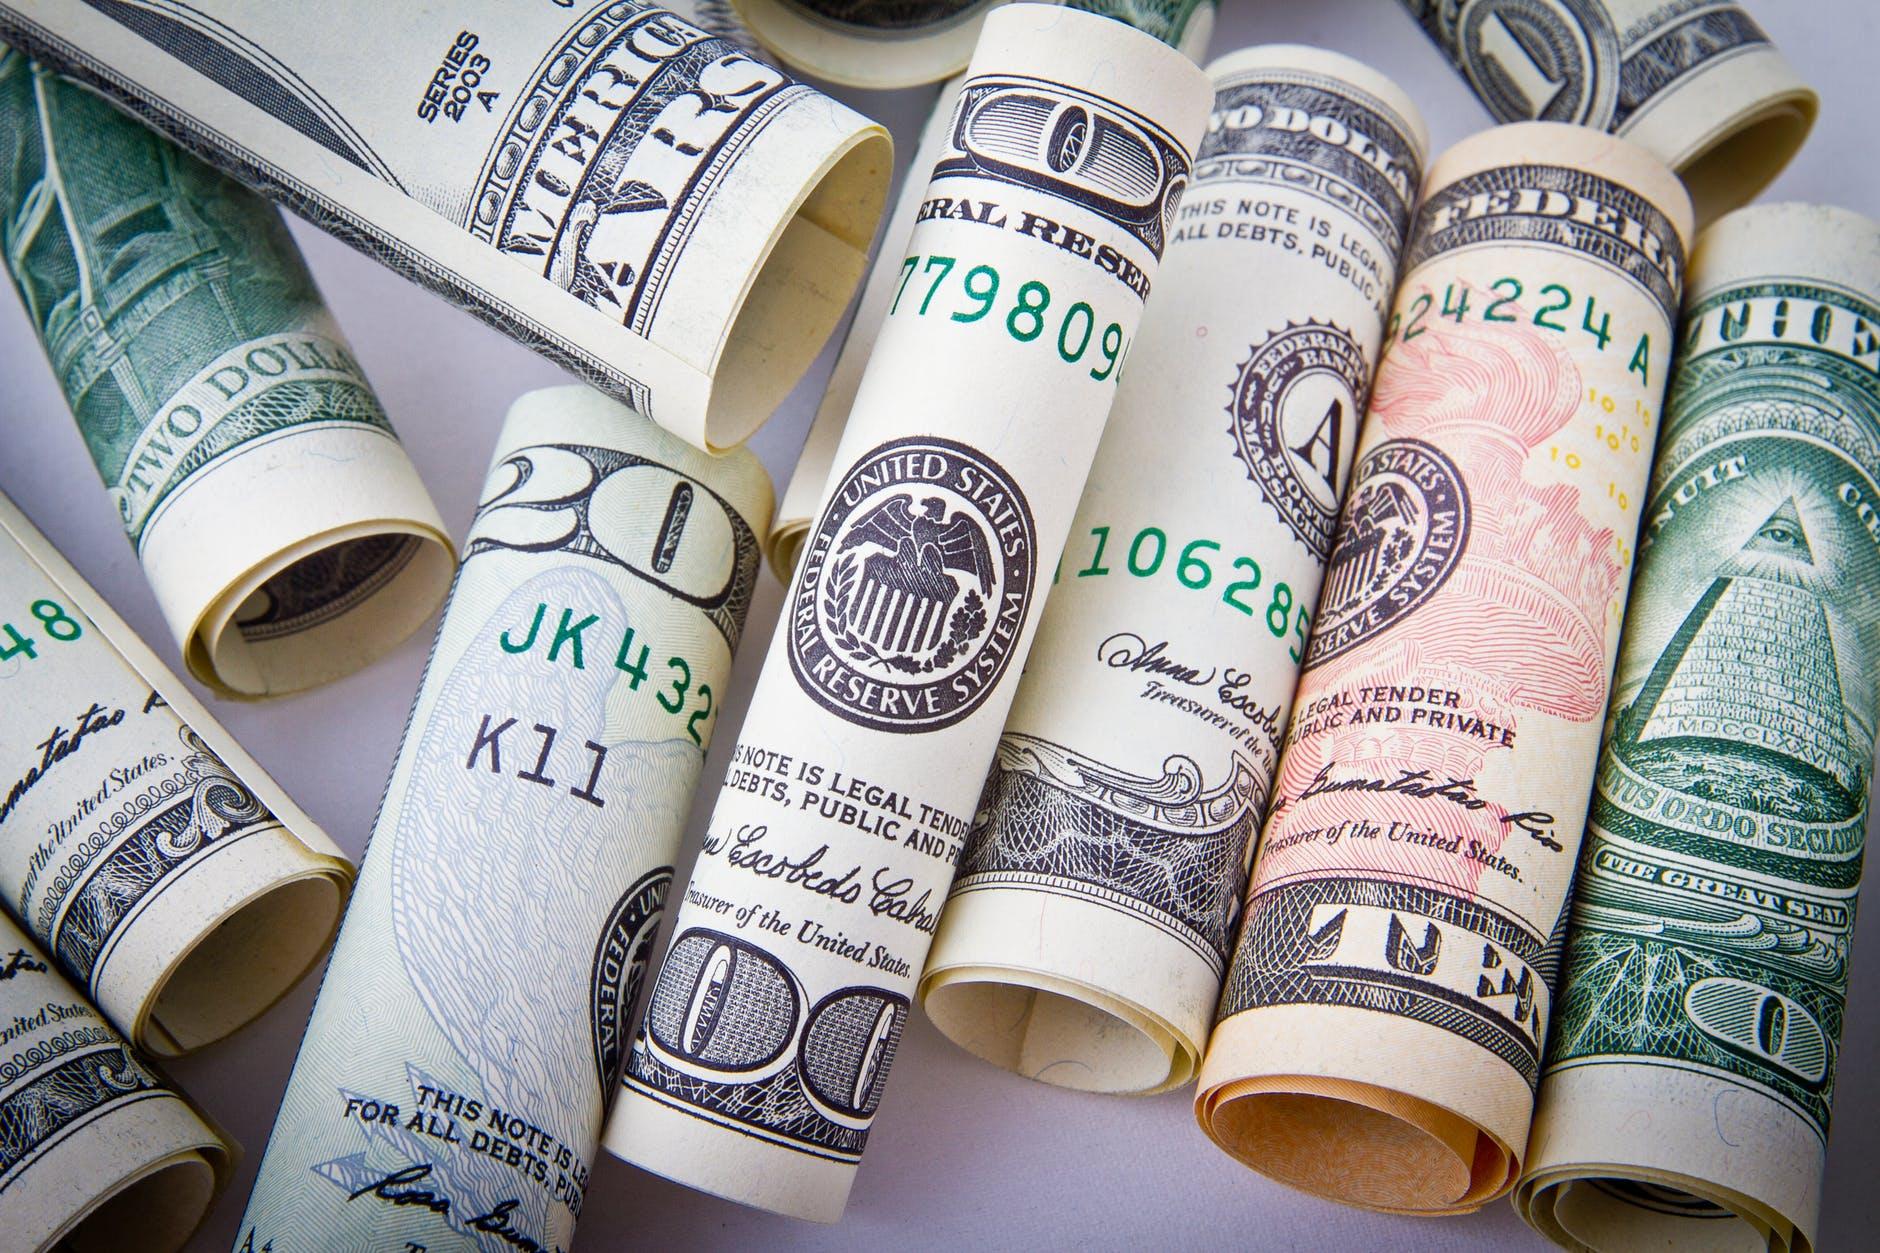 Экономист назвал две валюты, над которыми нависла большая угроза обвала